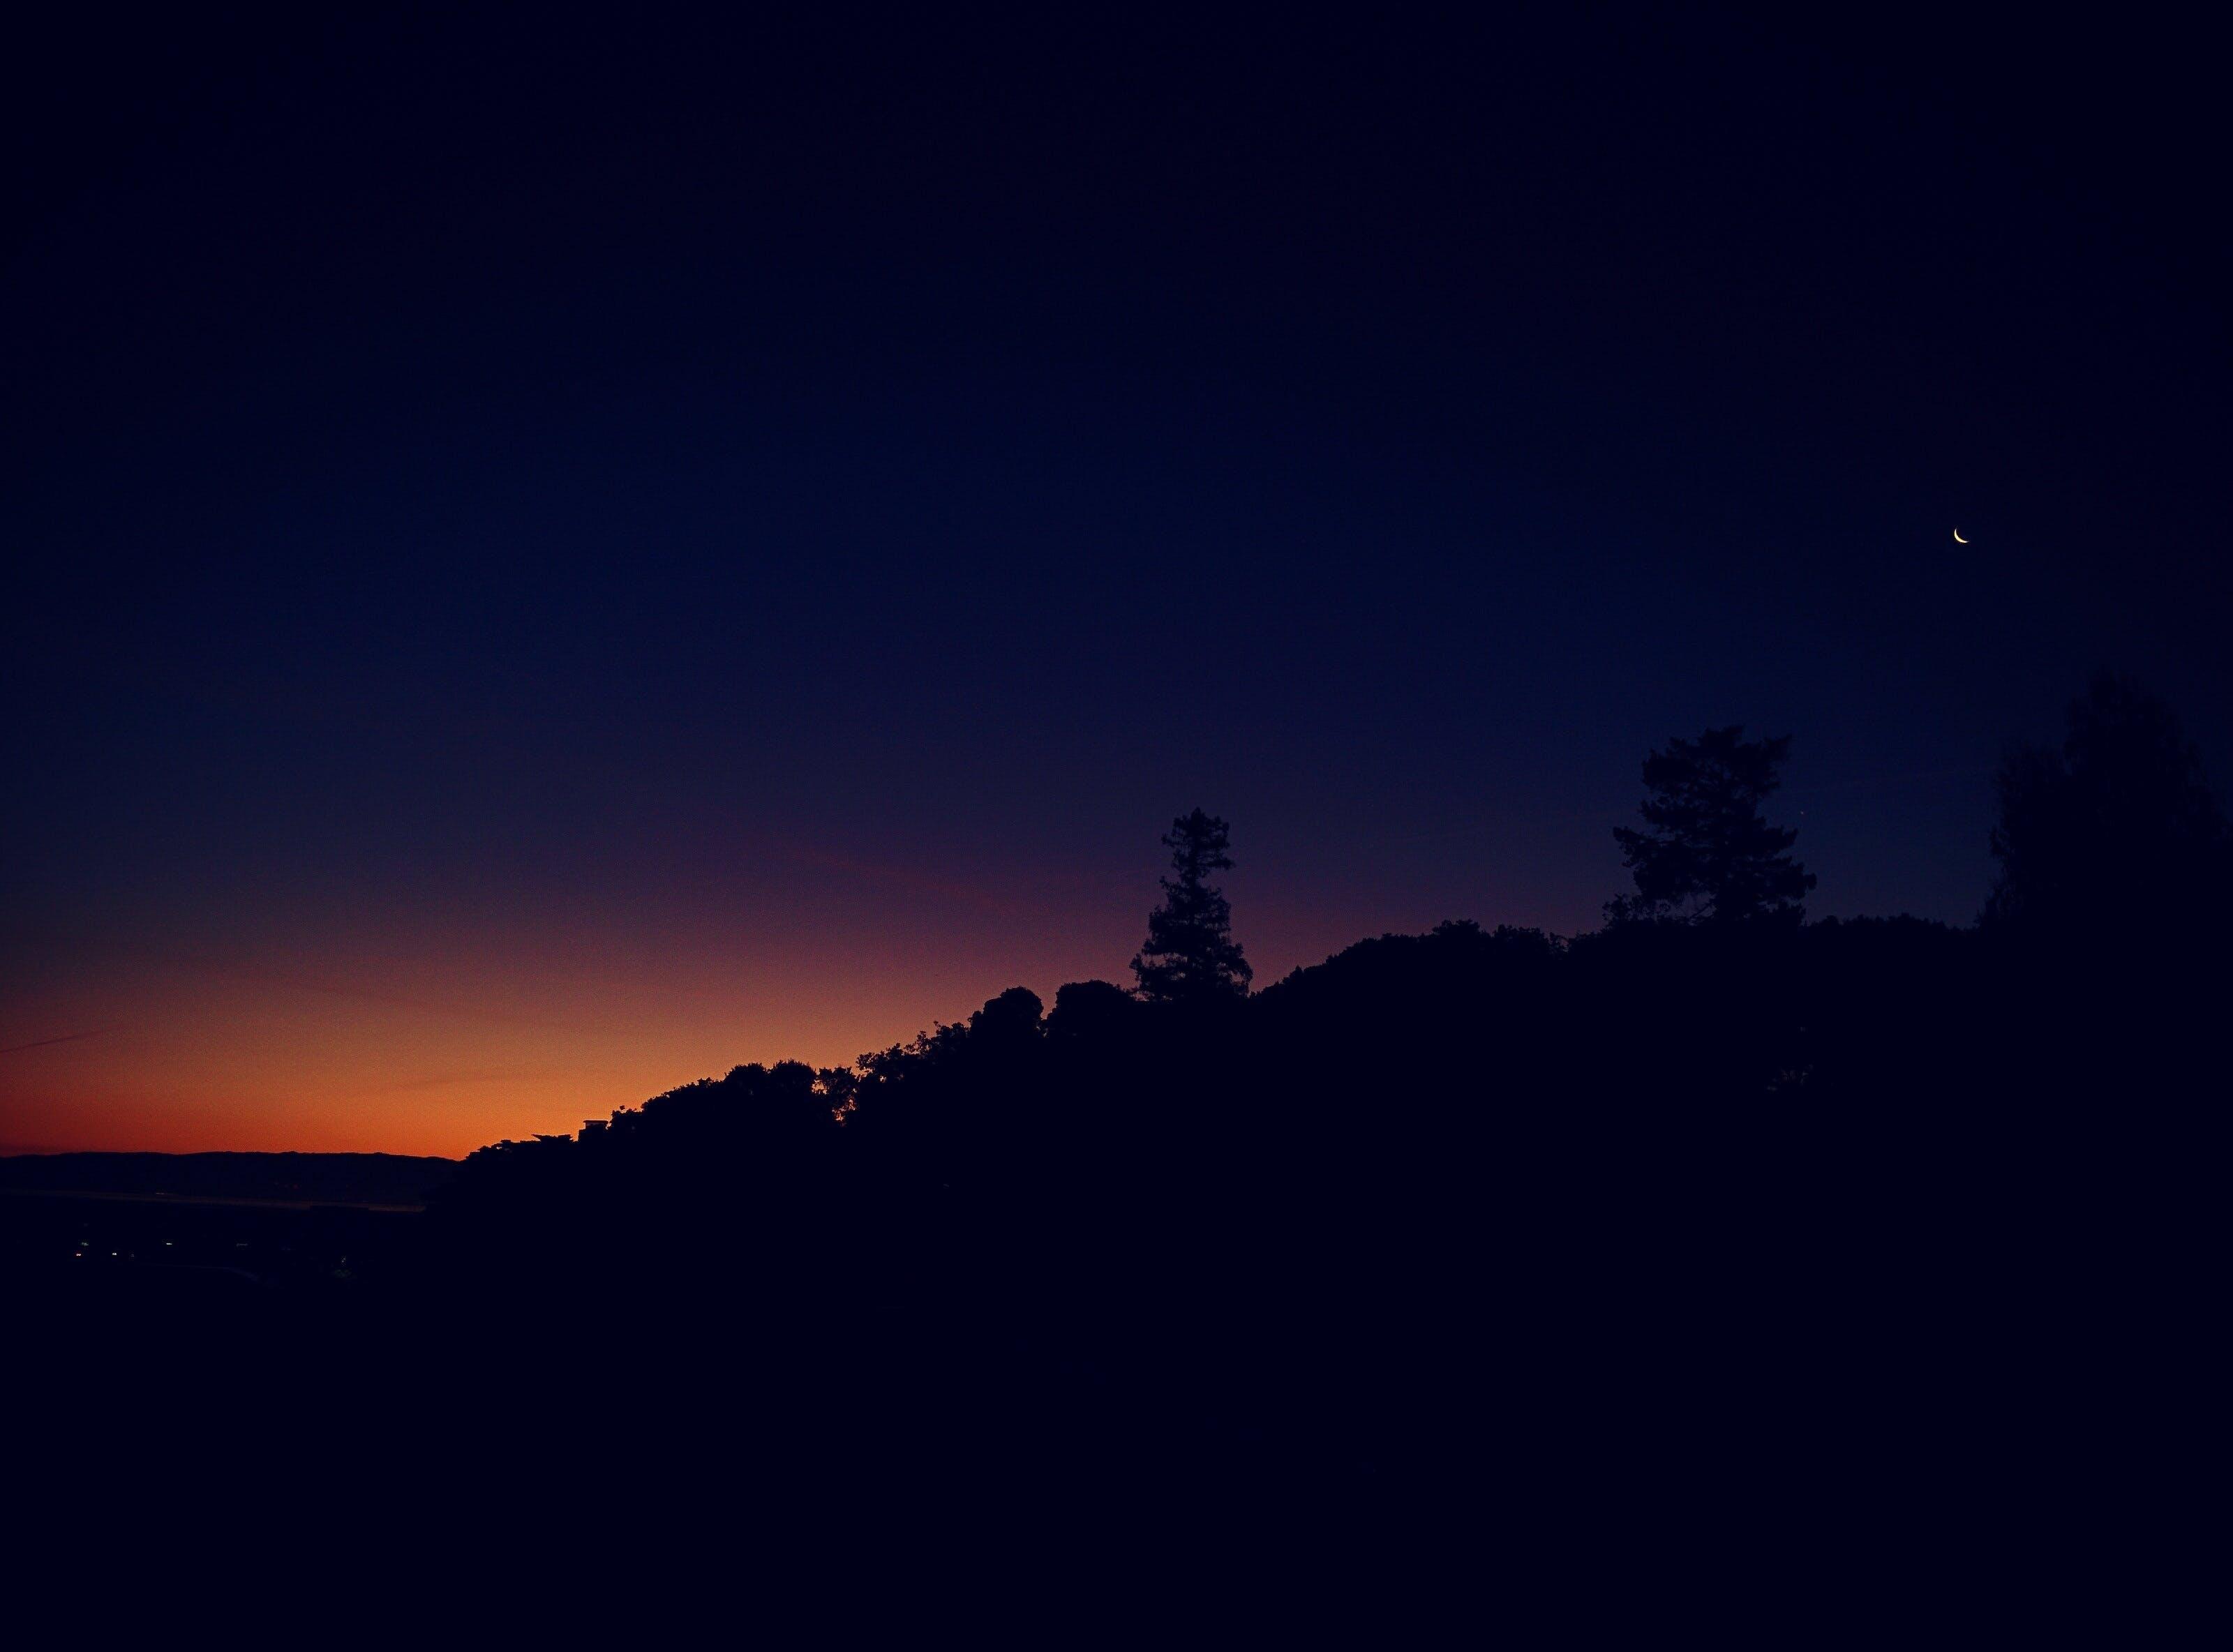 Free stock photo of dark, nature, night, nightscape